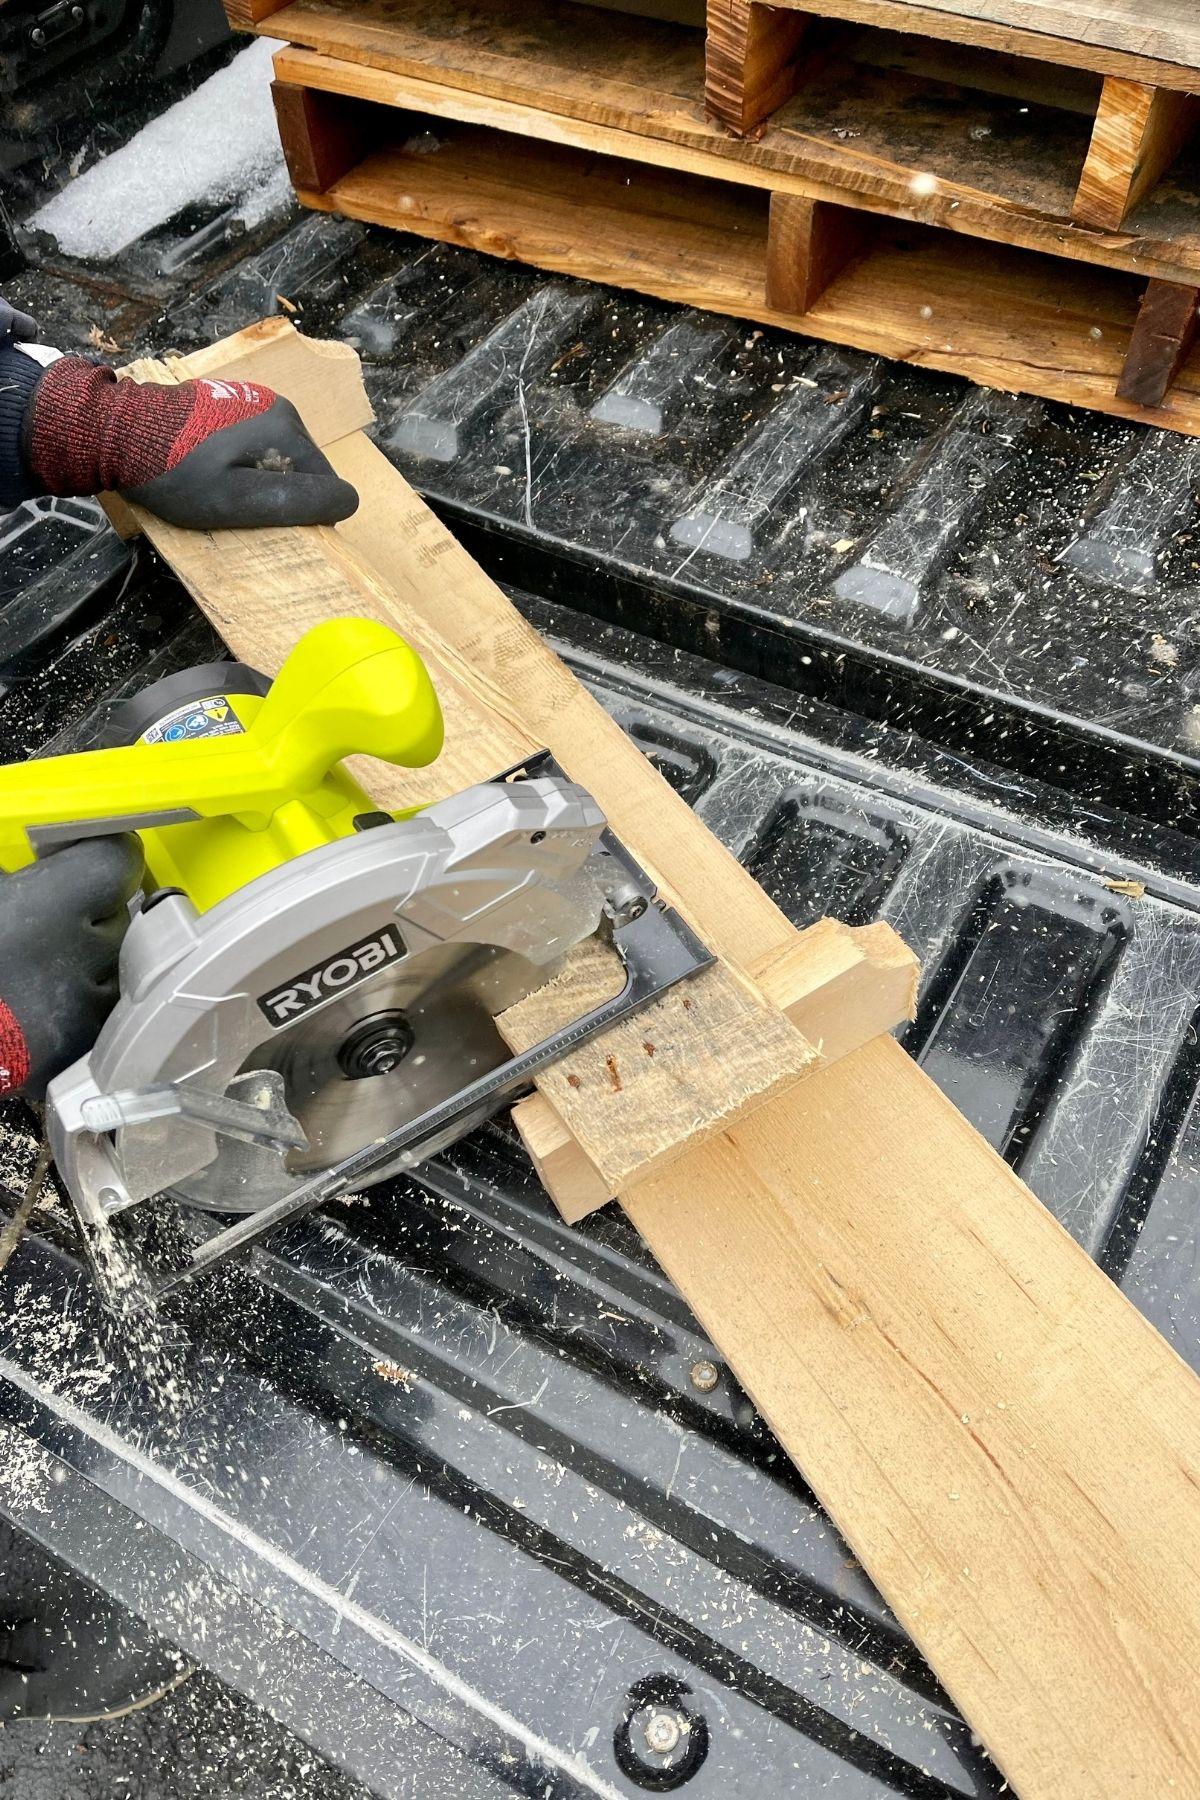 Cutting board with saw